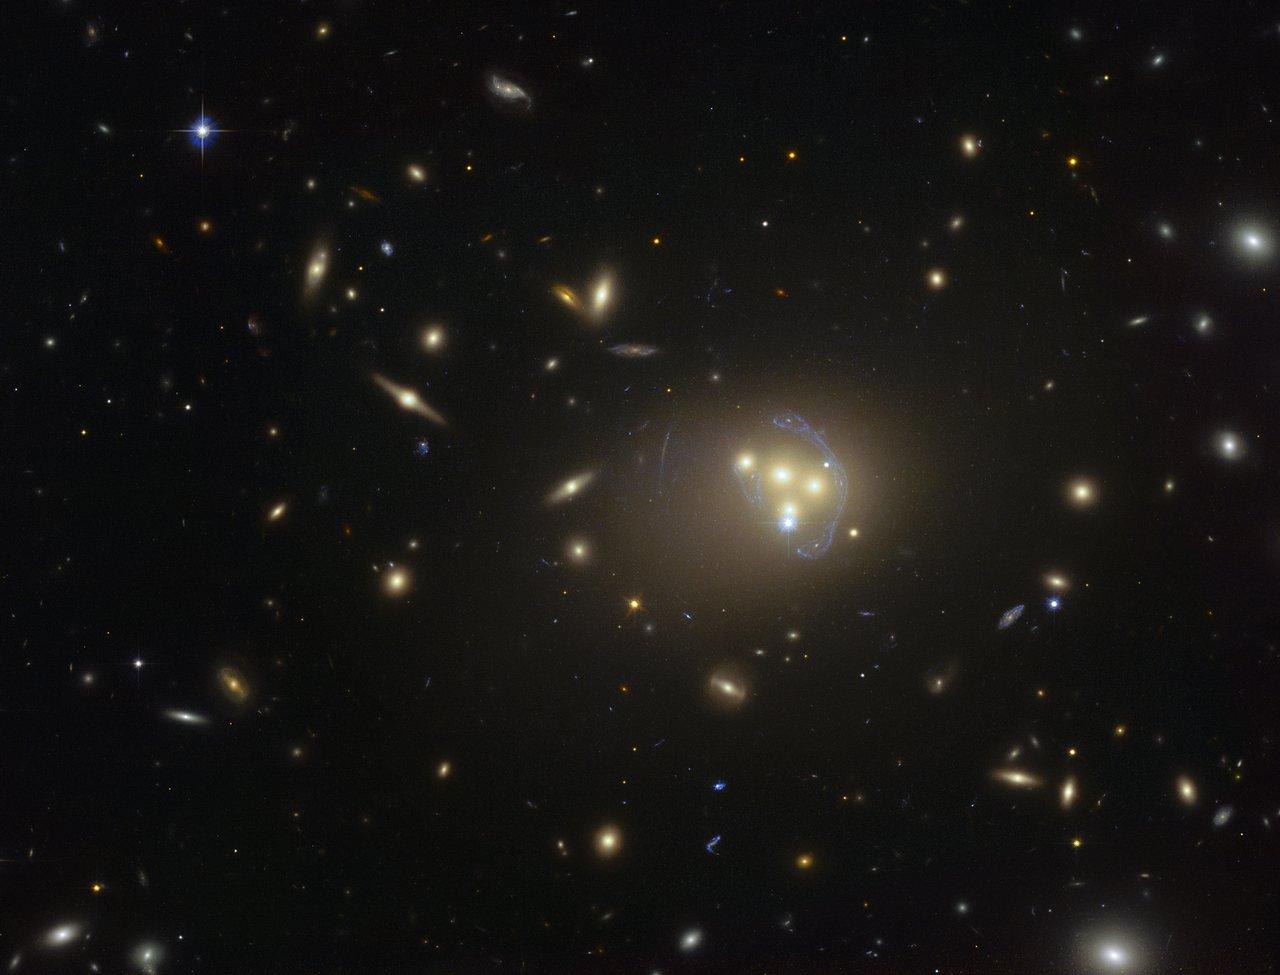 Imagen del cúmulo de galaxias Abell 3827 obtenida por el telescopio espacial Hubble